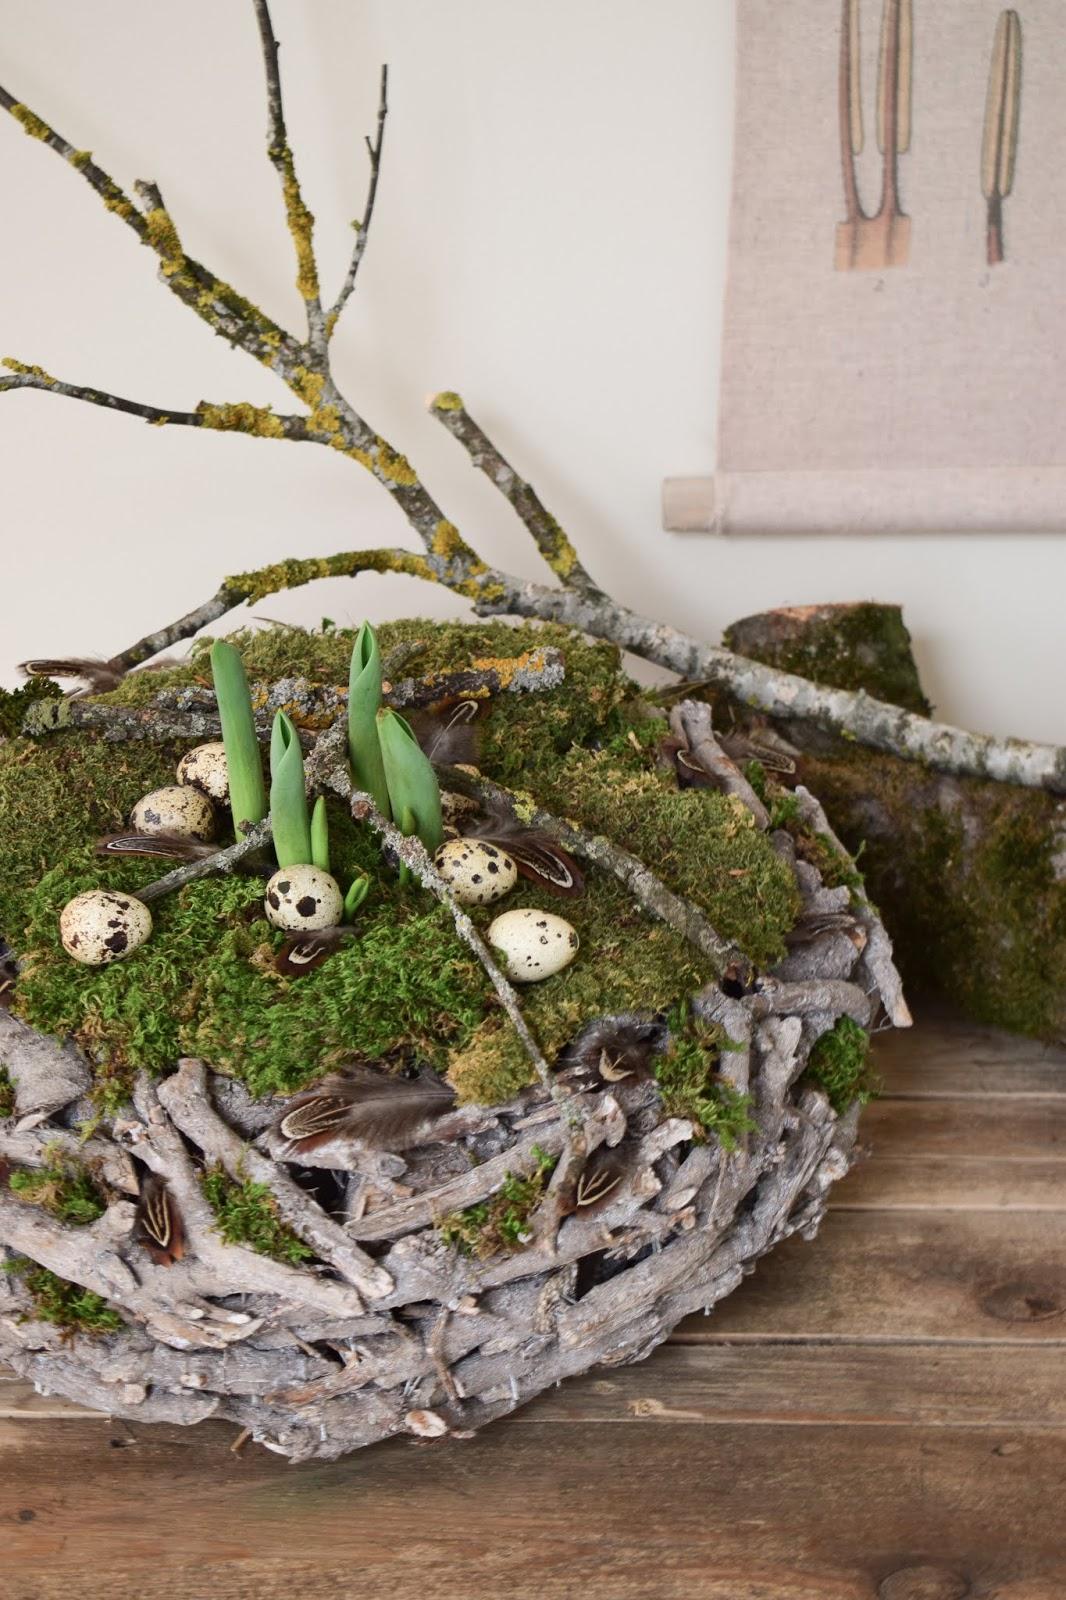 Frühlingsdeko basteln mit Moos, Wachteleier und Holzkranz. Deko Frühling einfach selber machen DIY Ostern Osterdeko Naturdeko